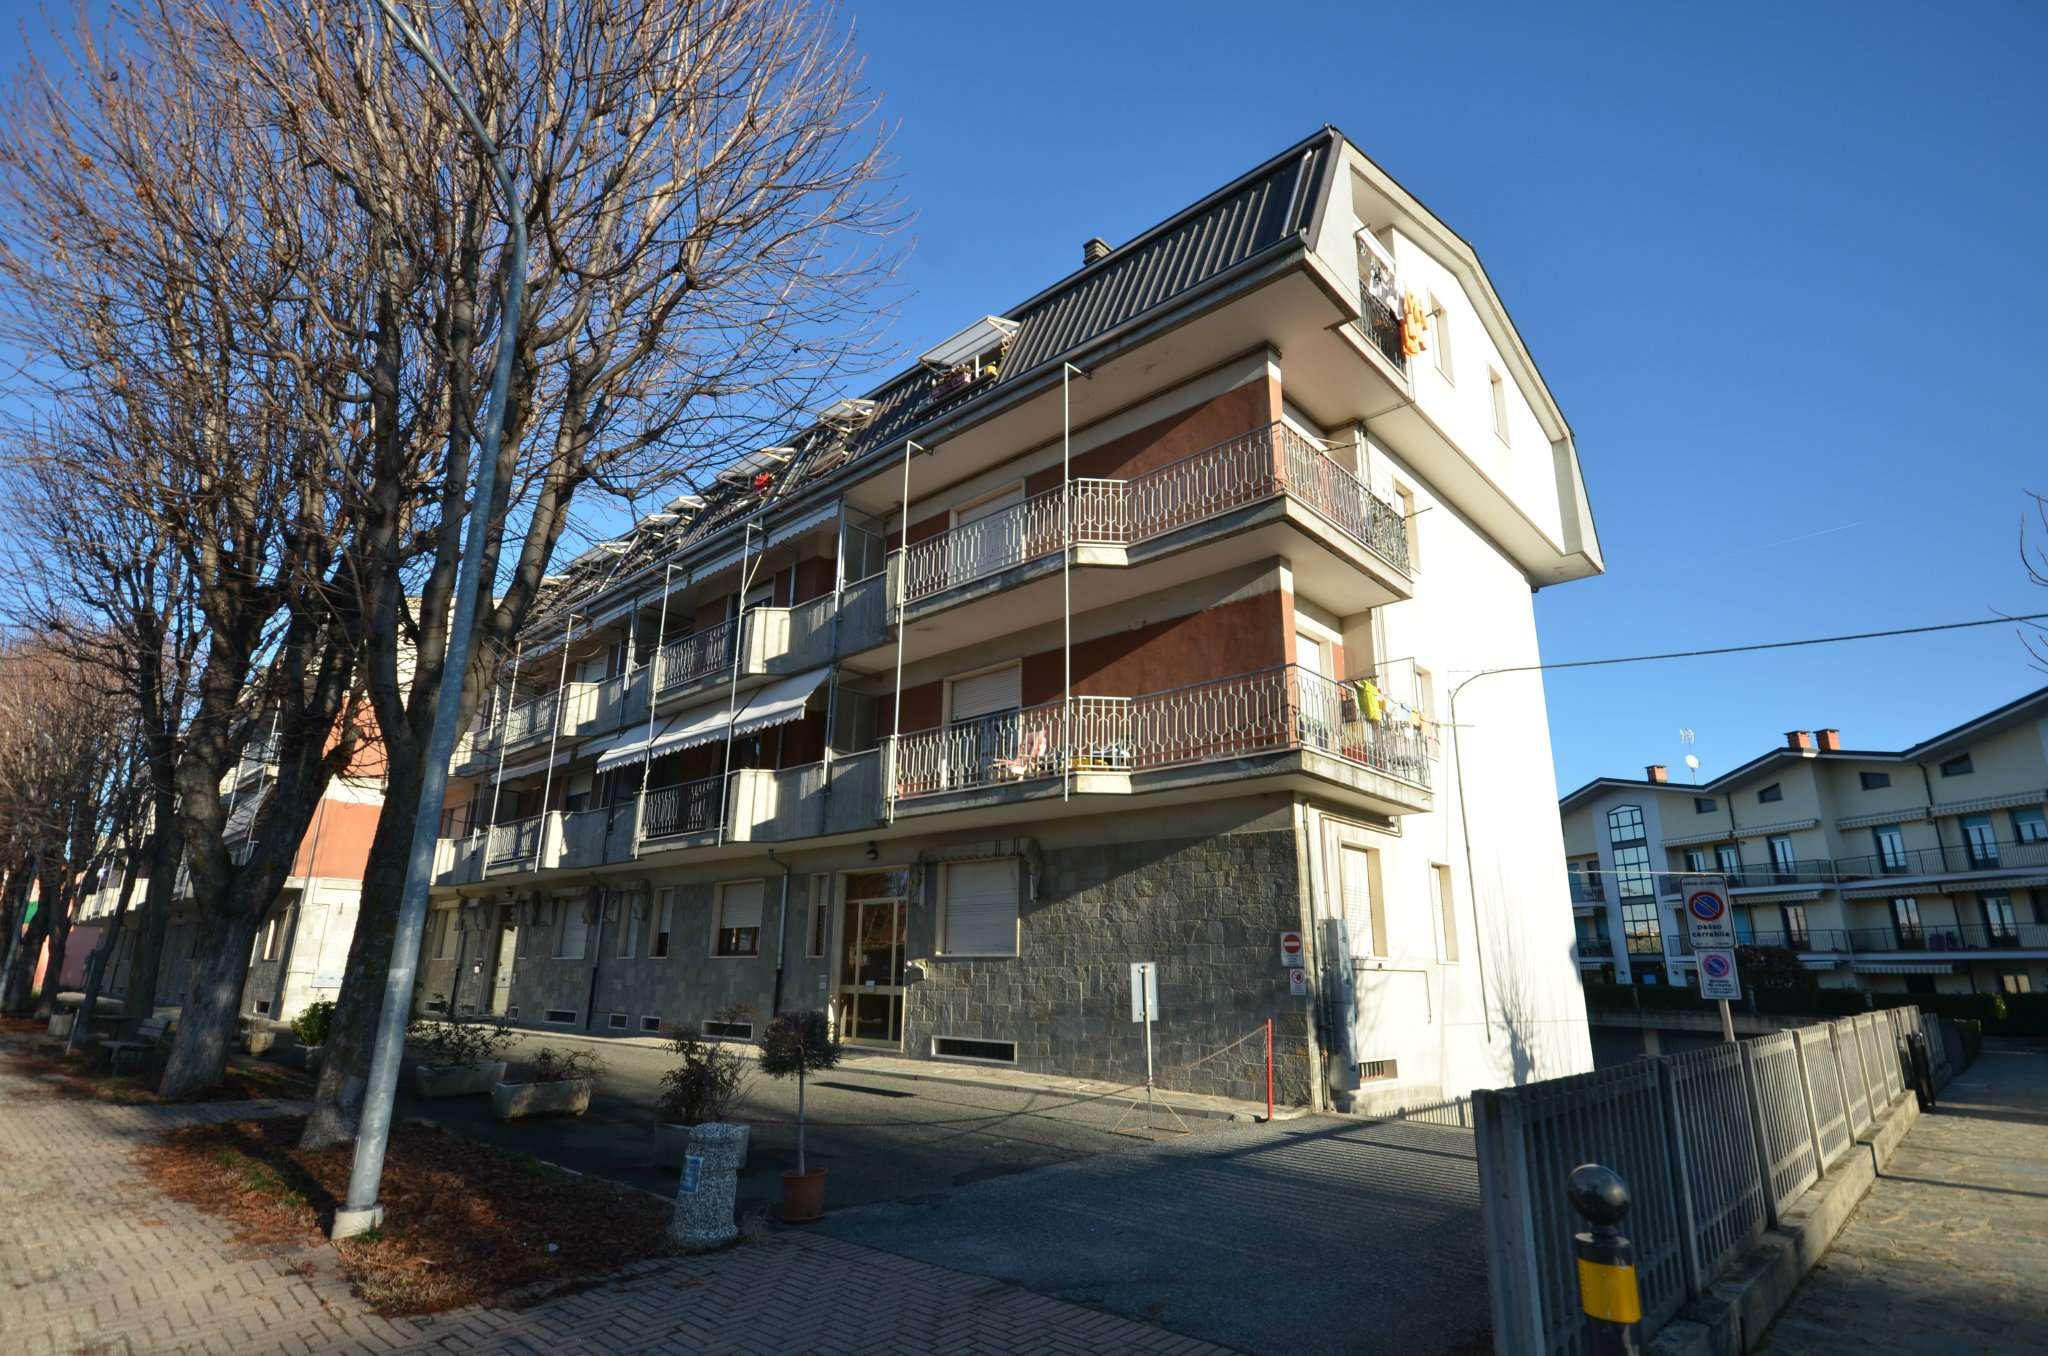 Appartamento in vendita a Centallo, 3 locali, prezzo € 80.000 | CambioCasa.it